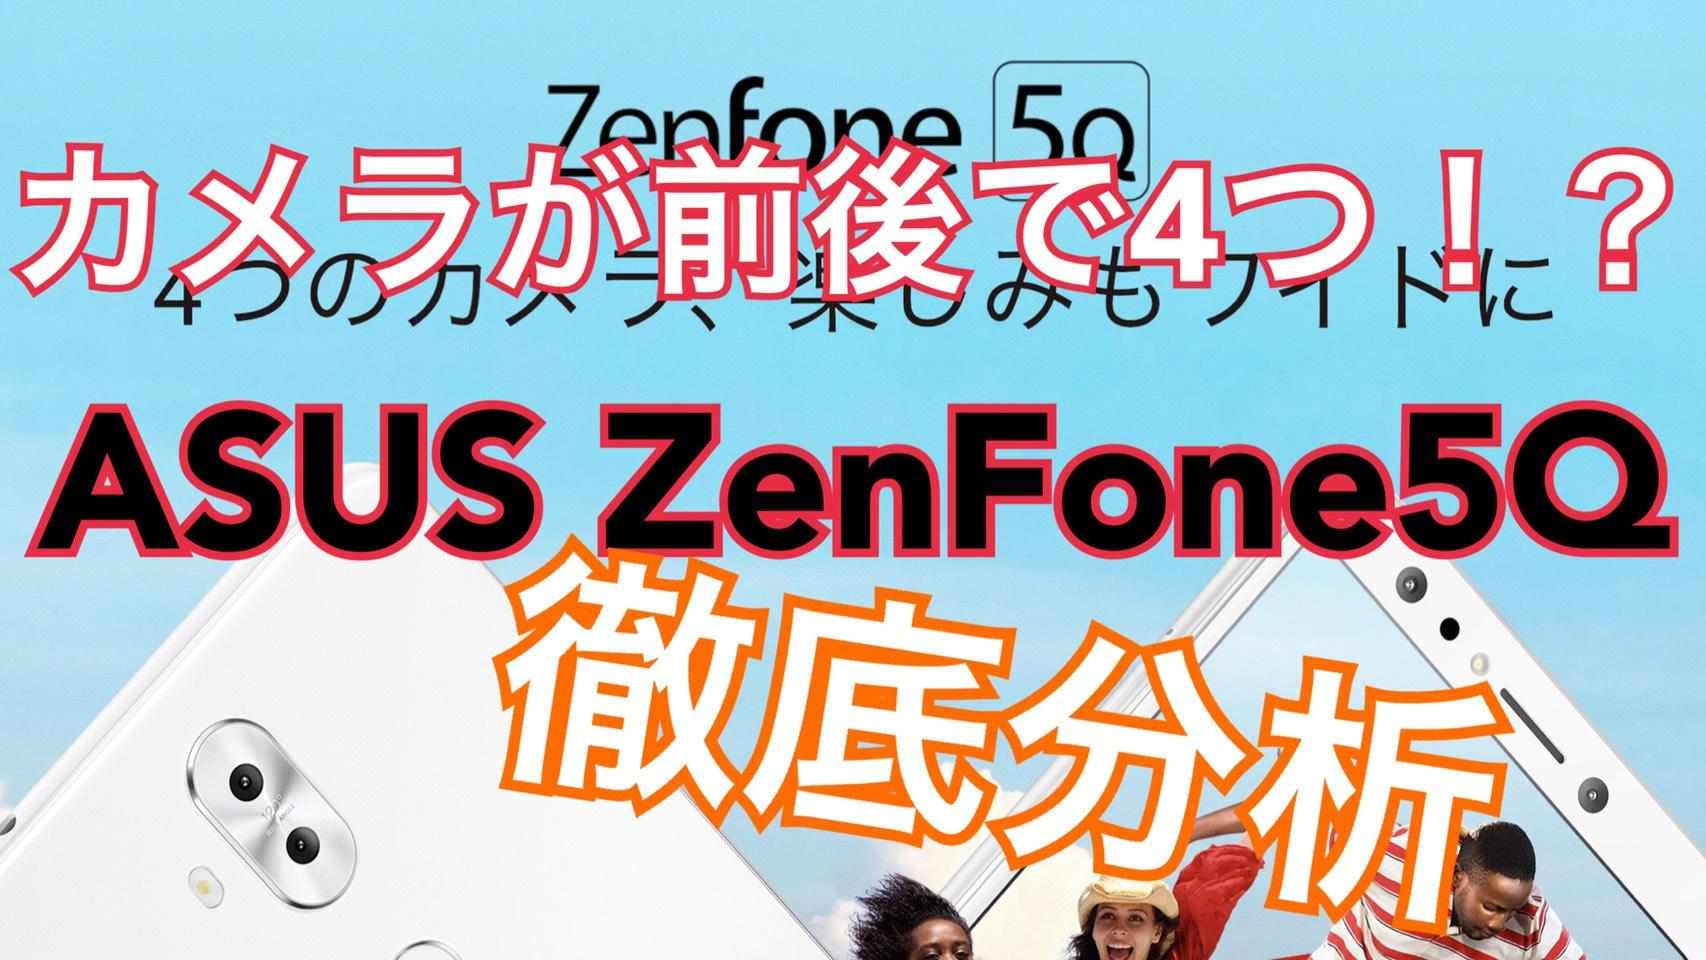 zenfone5q eyecatch